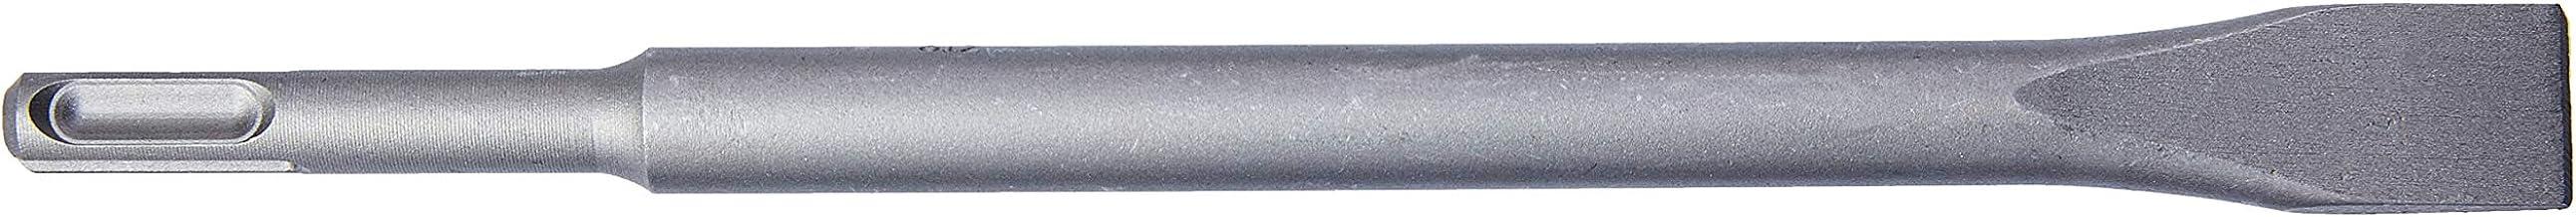 Talhadeira Bosch ECO SDS-plus para concreto 20 x 250 mm com 1 unidade